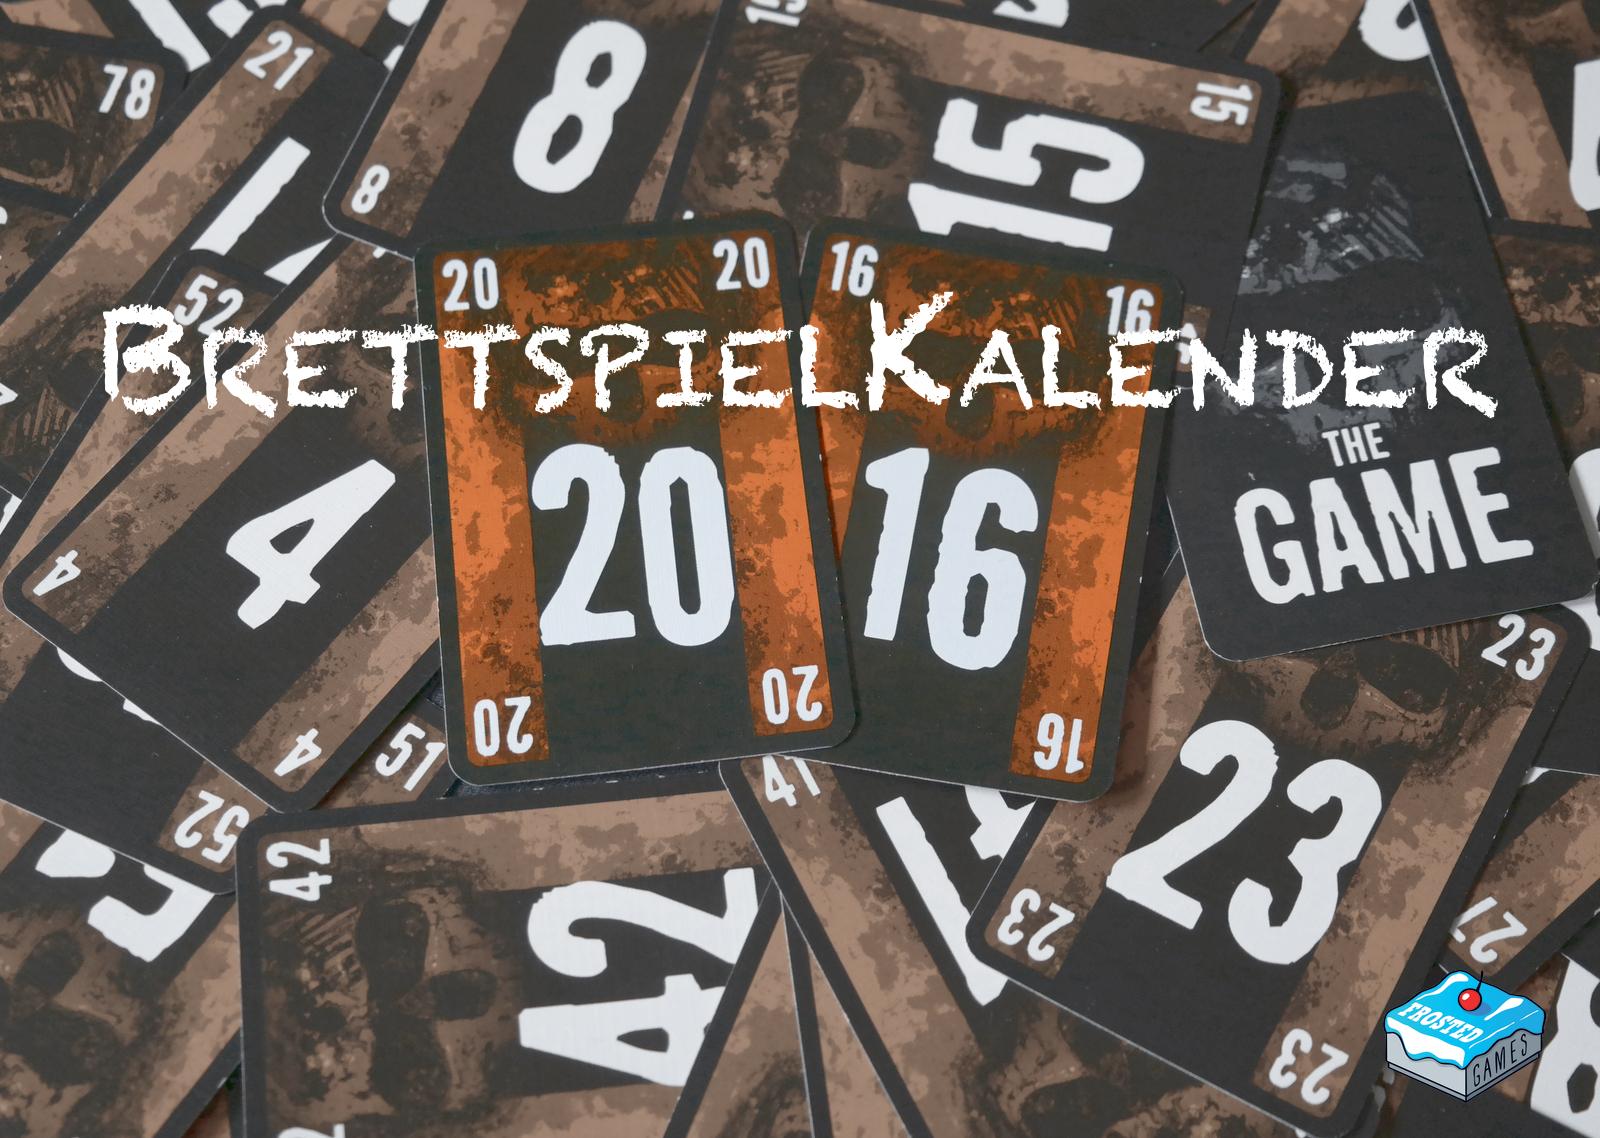 Brettspiel-Wandkalender 2016